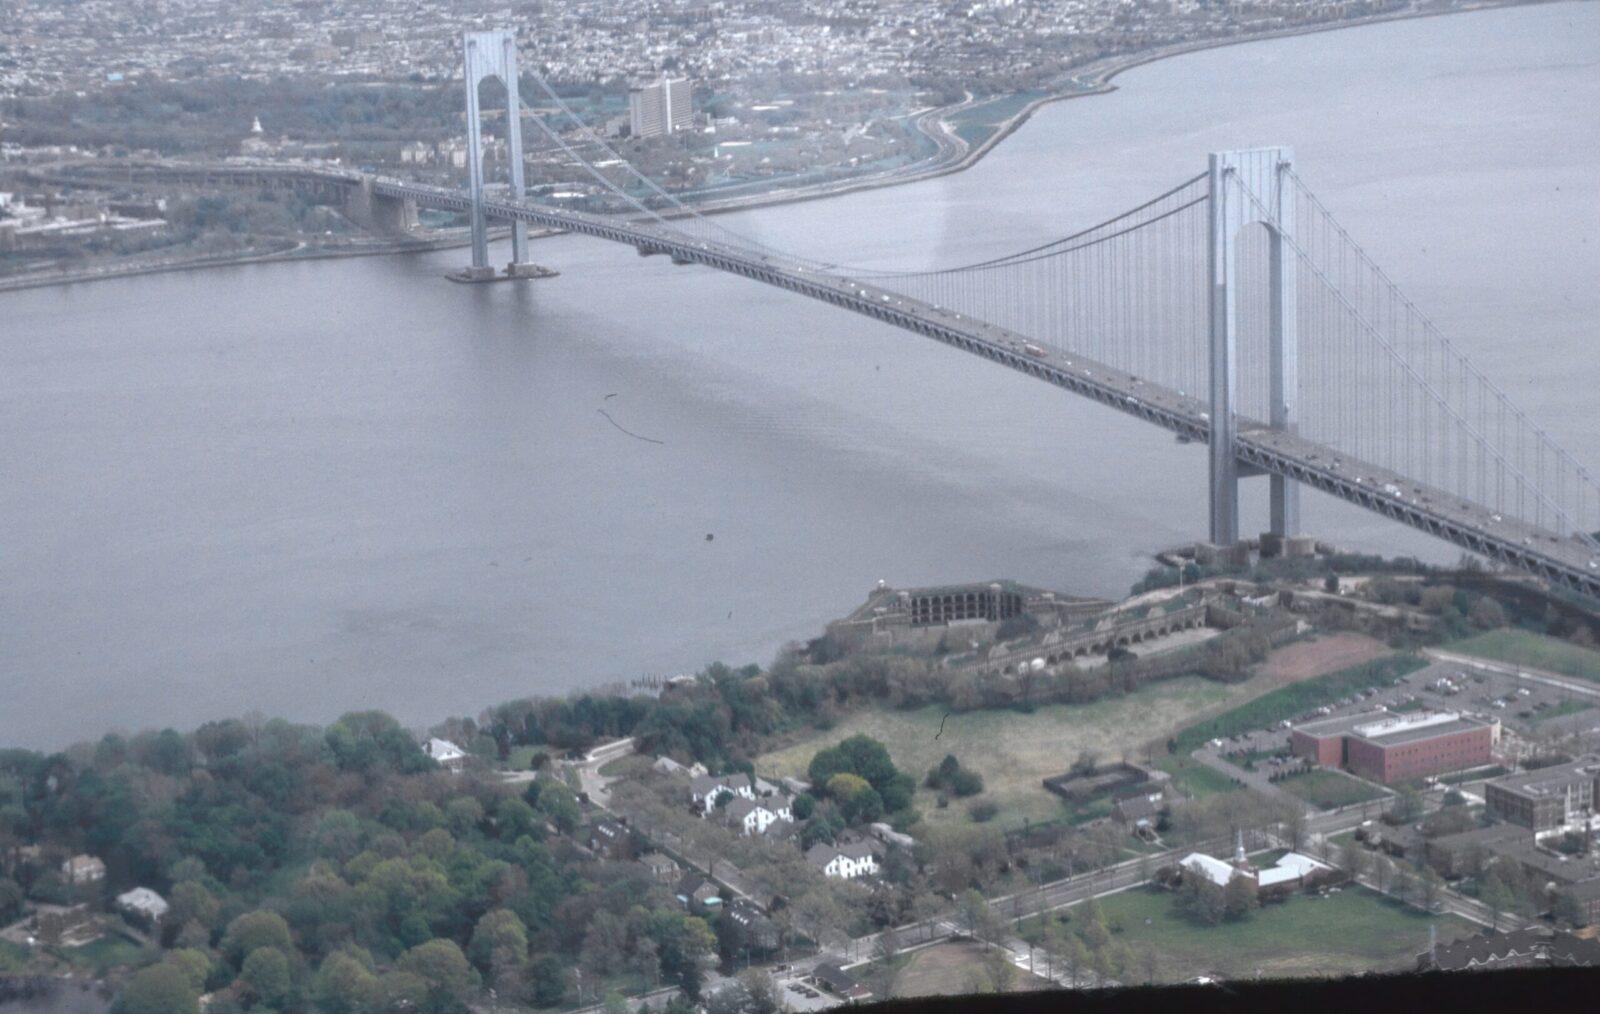 Das bedeutendste Werk des schweizerisch-amerikanischen Brückenbauers Othmar Ammann: die mehr als zwei Kilometer lange Verrazano Narrows Bridge bei New York.